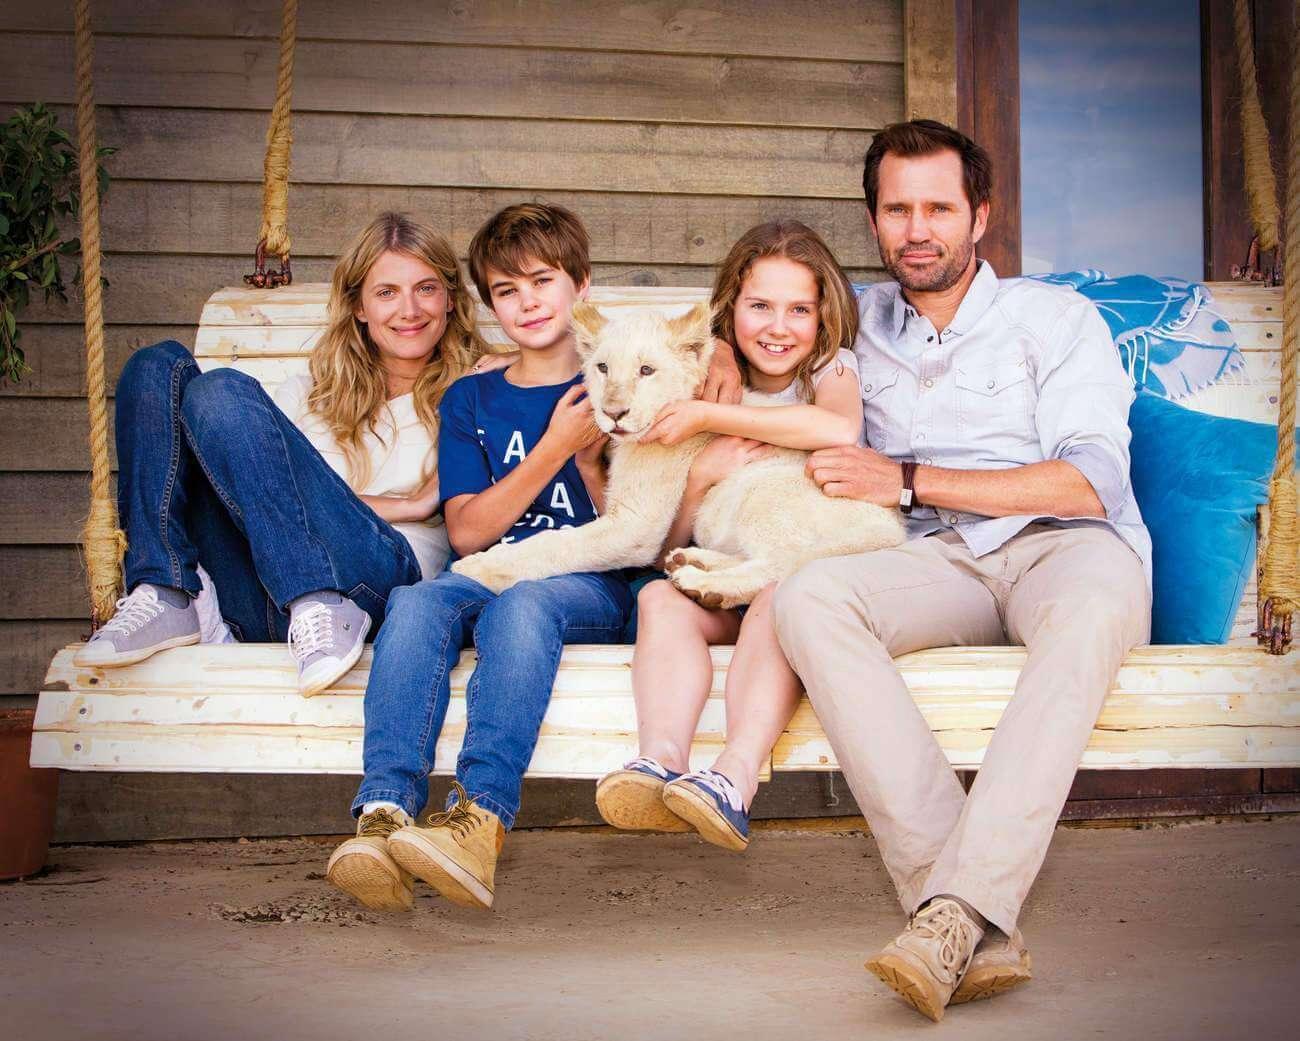 C'est un drôle de cadeau qui arrive dans la famille, le matin de Noël : un petit lionceau blanc.